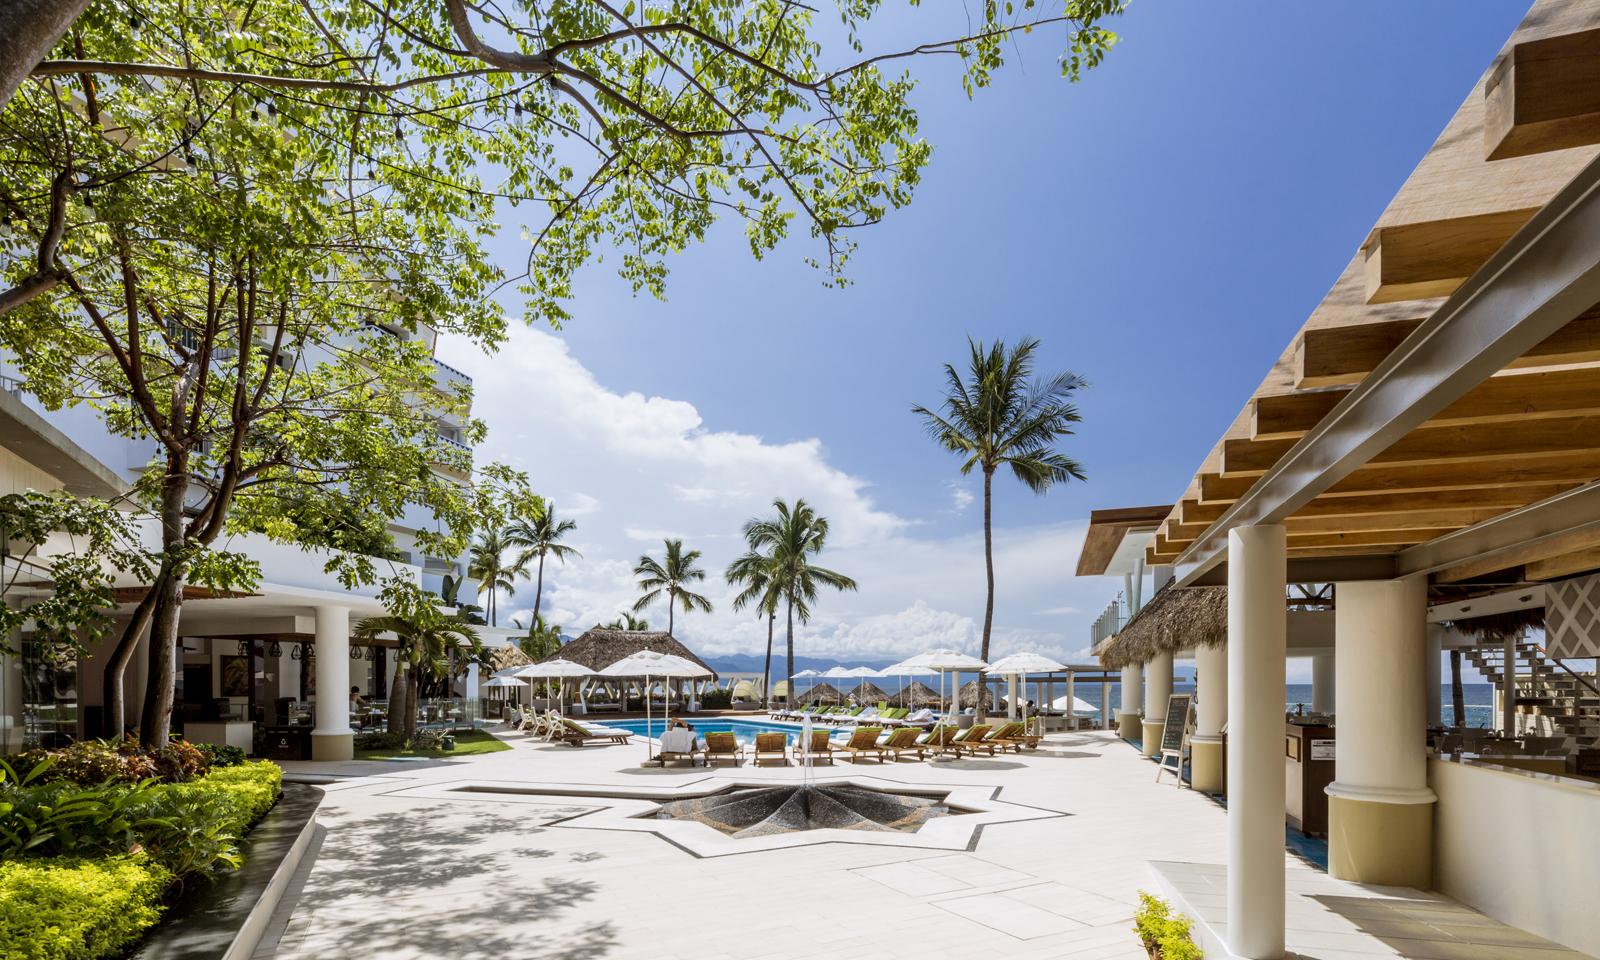 Villa-Premier-Puerto-Vallarta-Mexico-Pool-Perspective